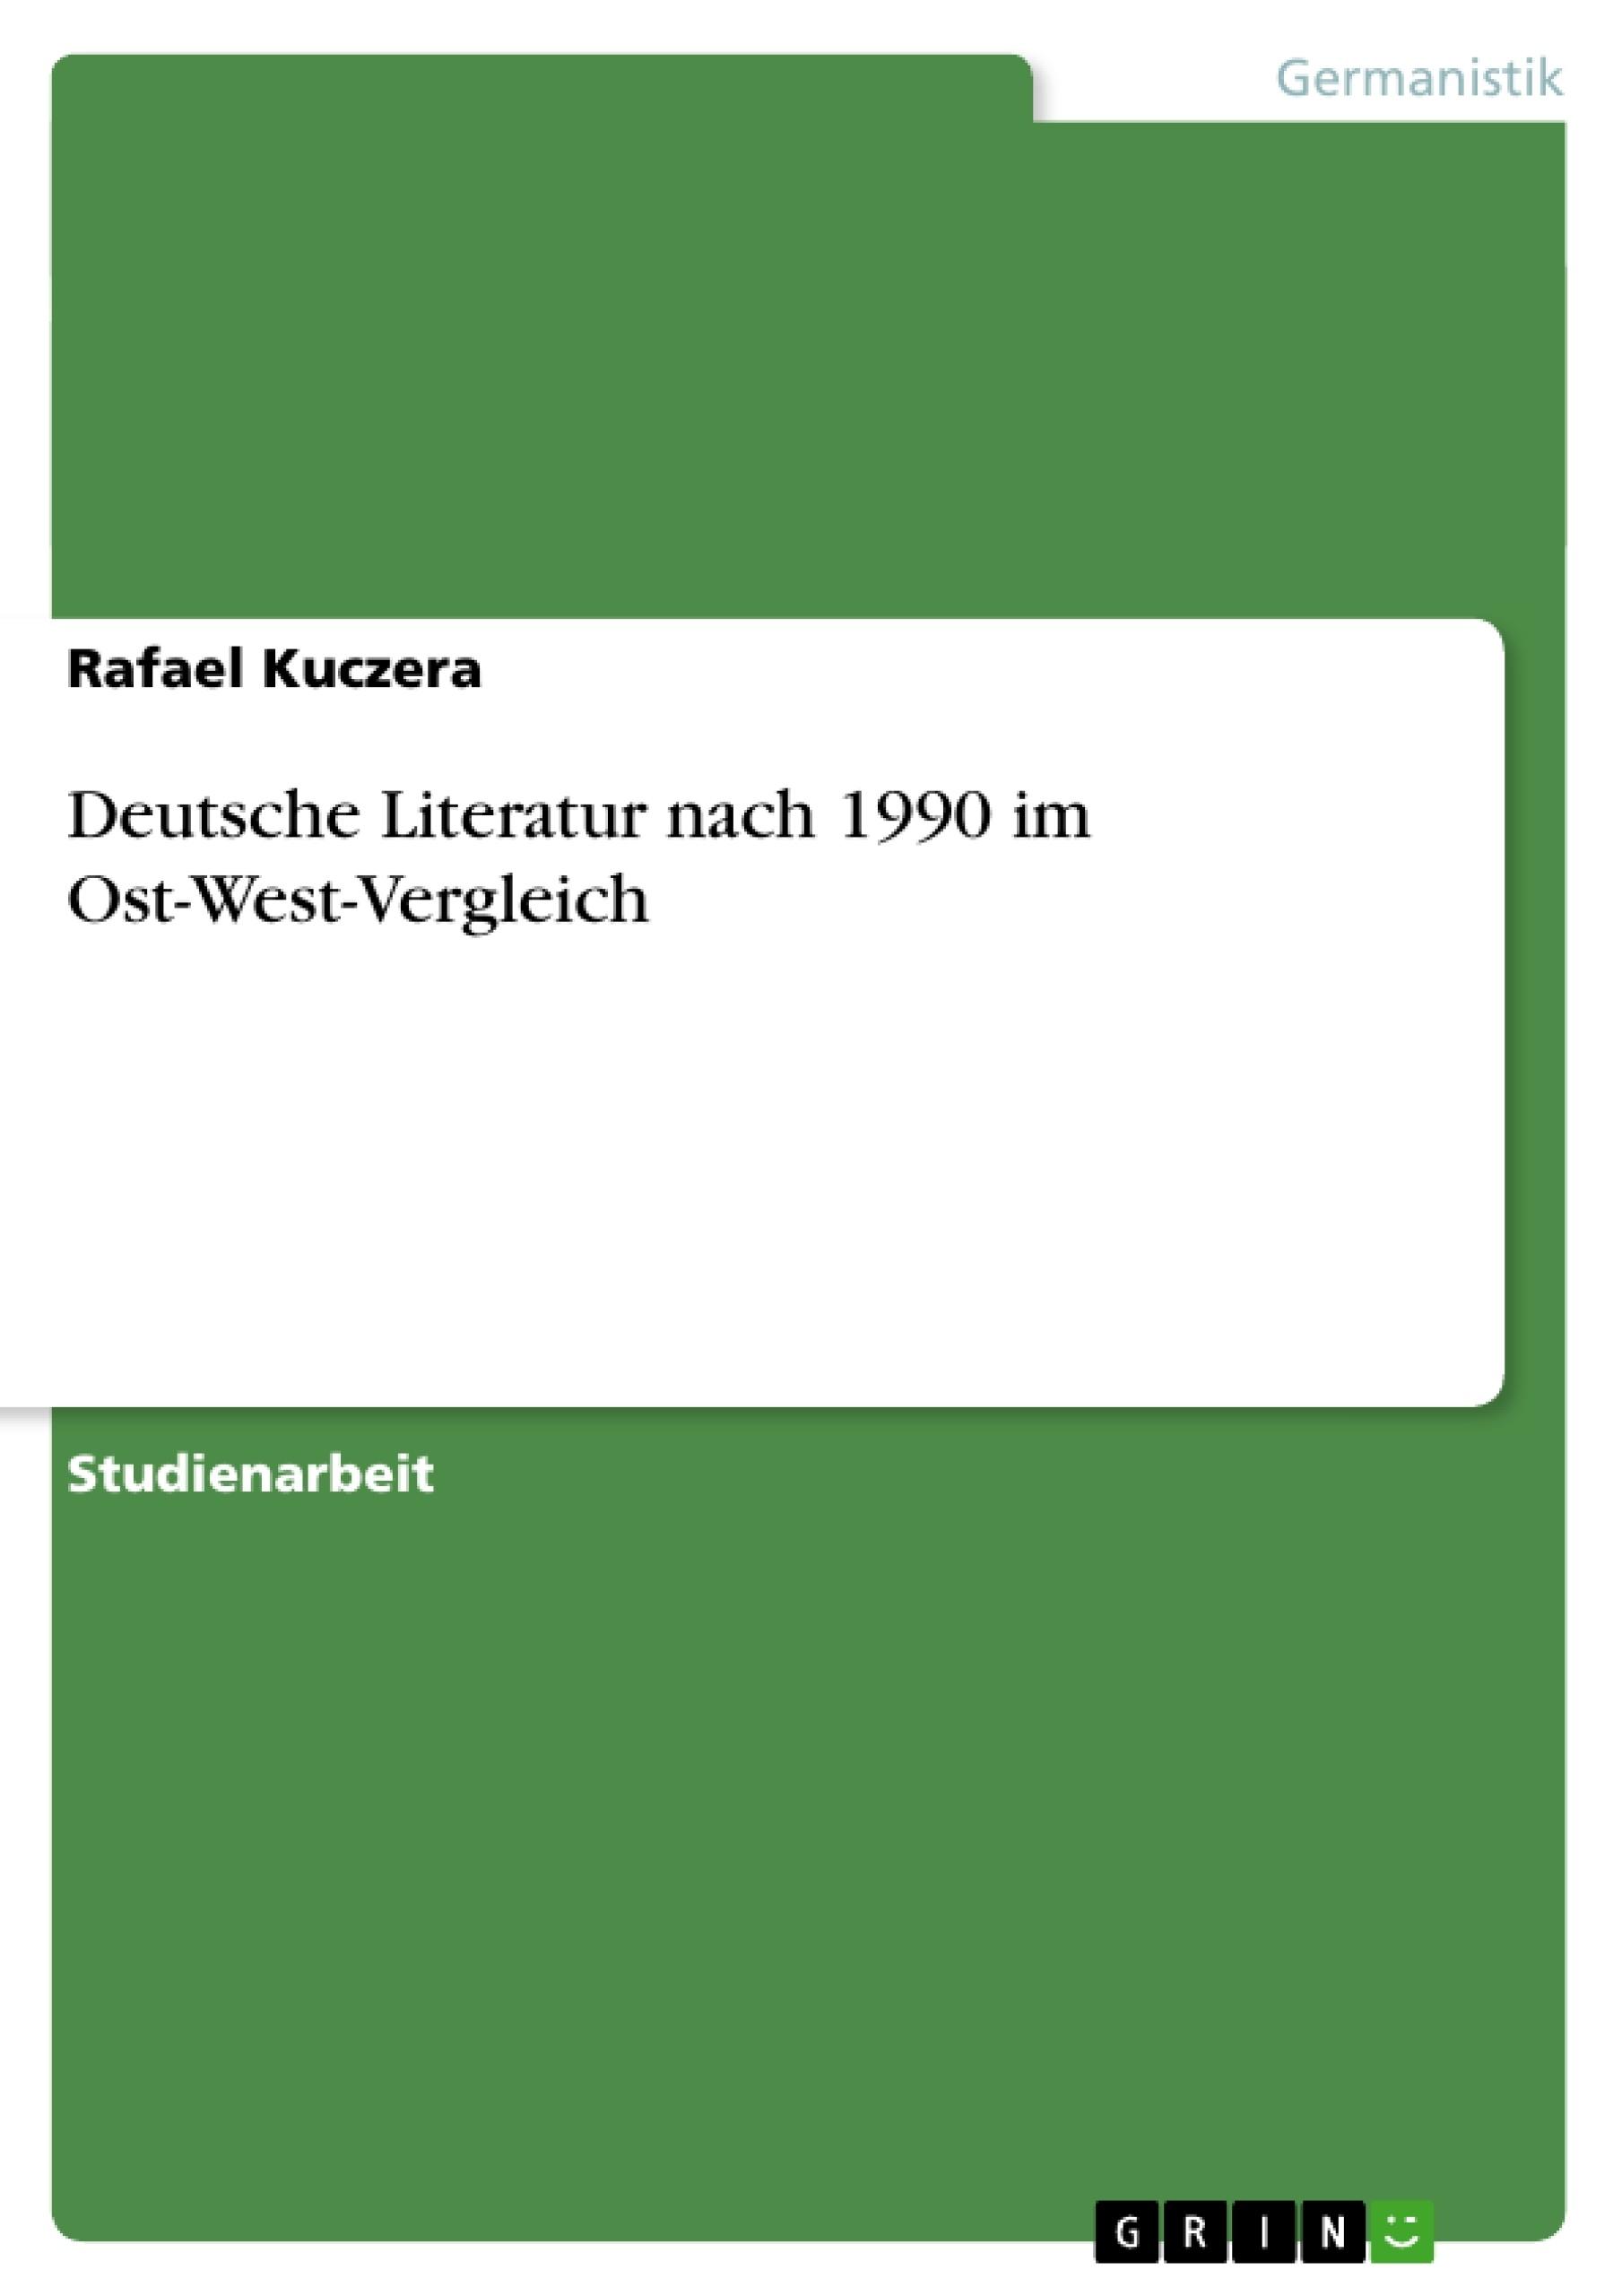 Titel: Deutsche Literatur nach 1990 im Ost-West-Vergleich